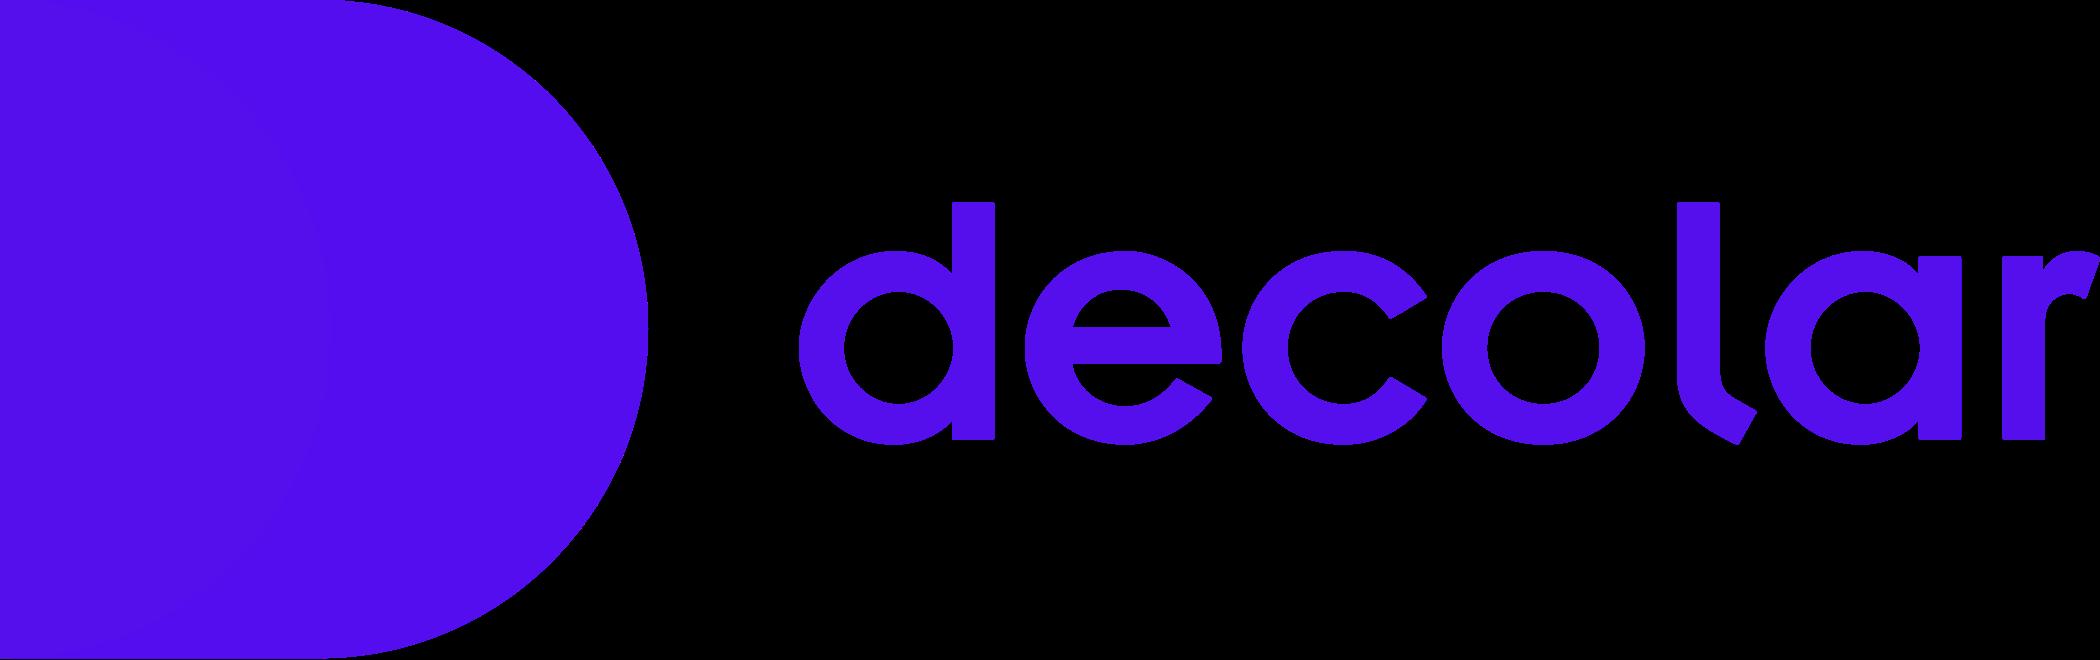 decolar logo 1 - Decolar.com Logo